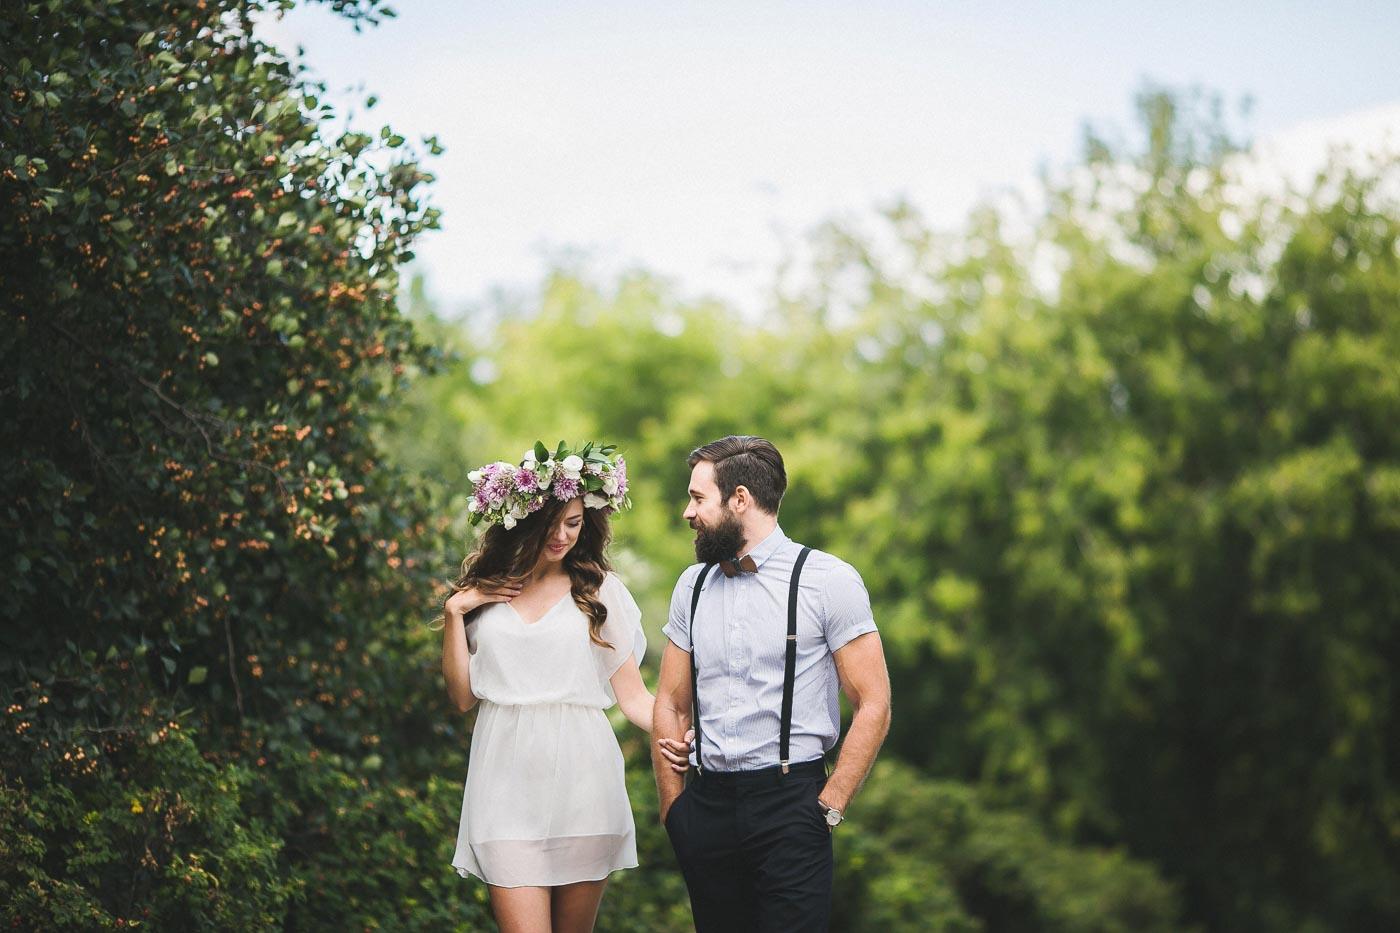 Свадебный фотограф, свадебная фотосъёмка в Москве